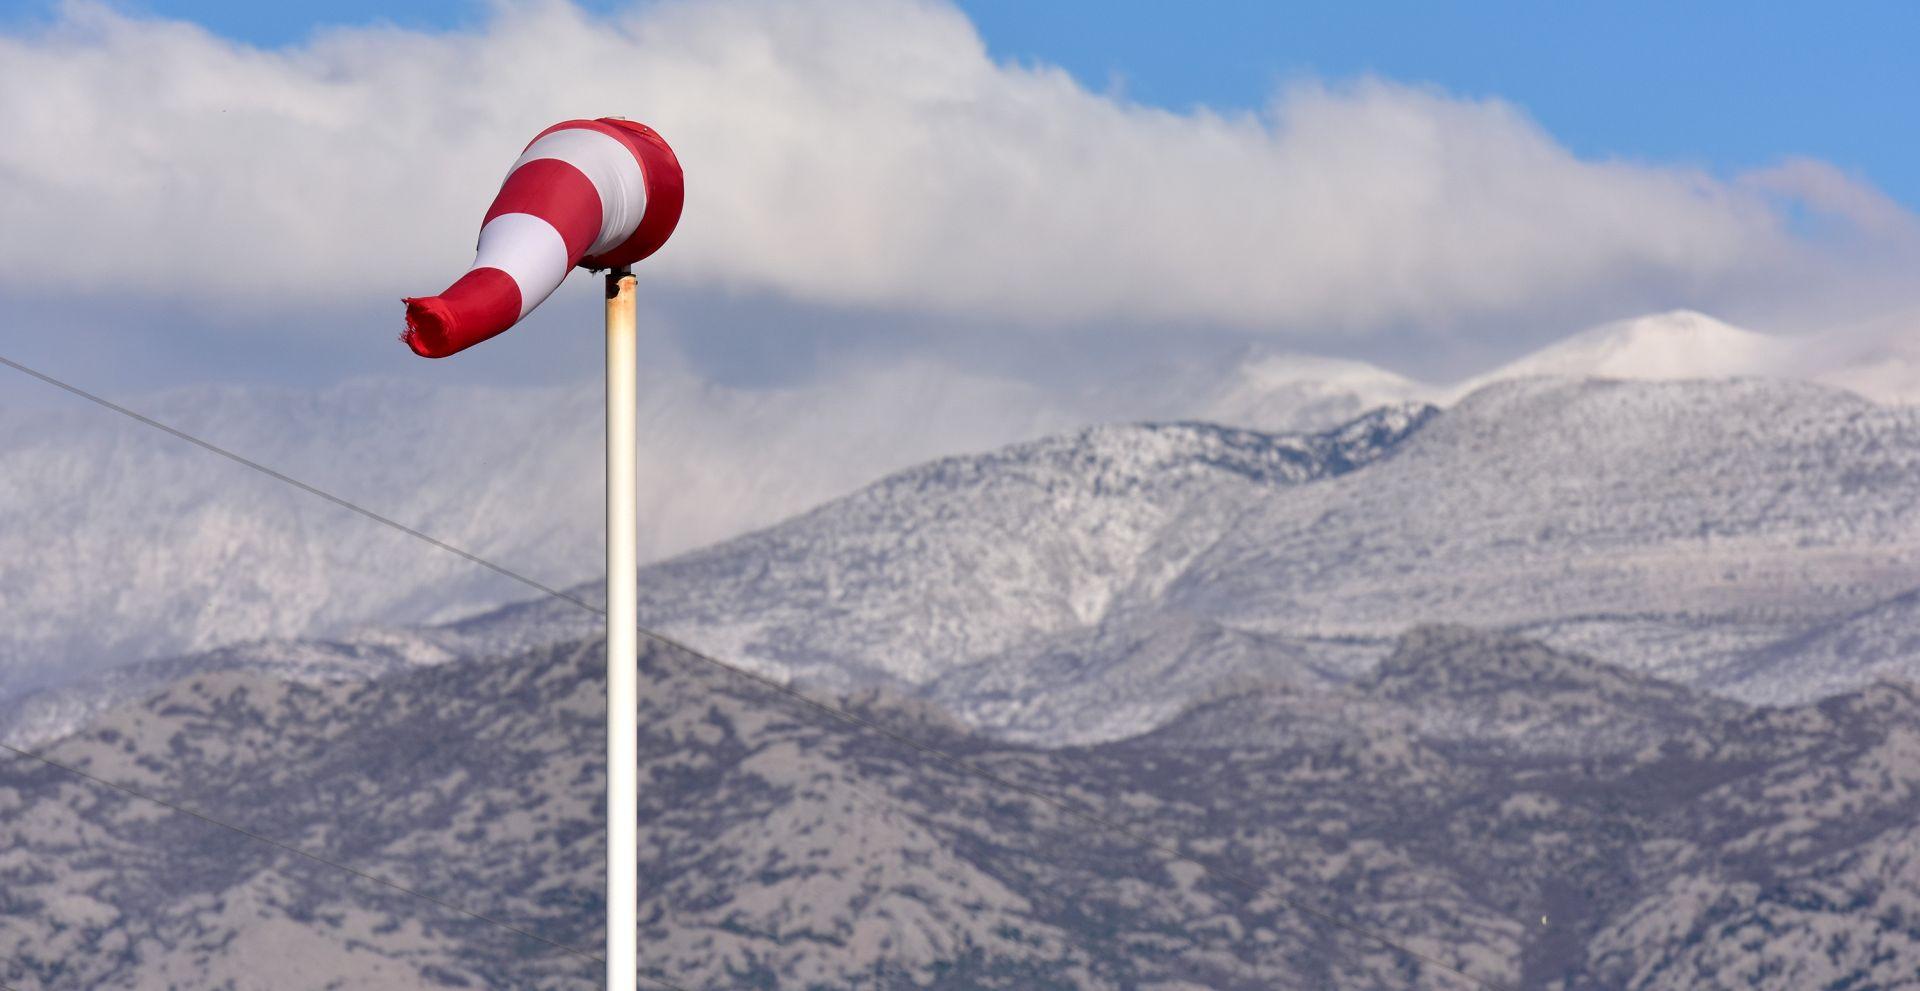 HAK Olujni vjetar otežava promet, zimski uvjeti u Lici, zatvorena autocesta A1 Sveti Rok – Maslenica